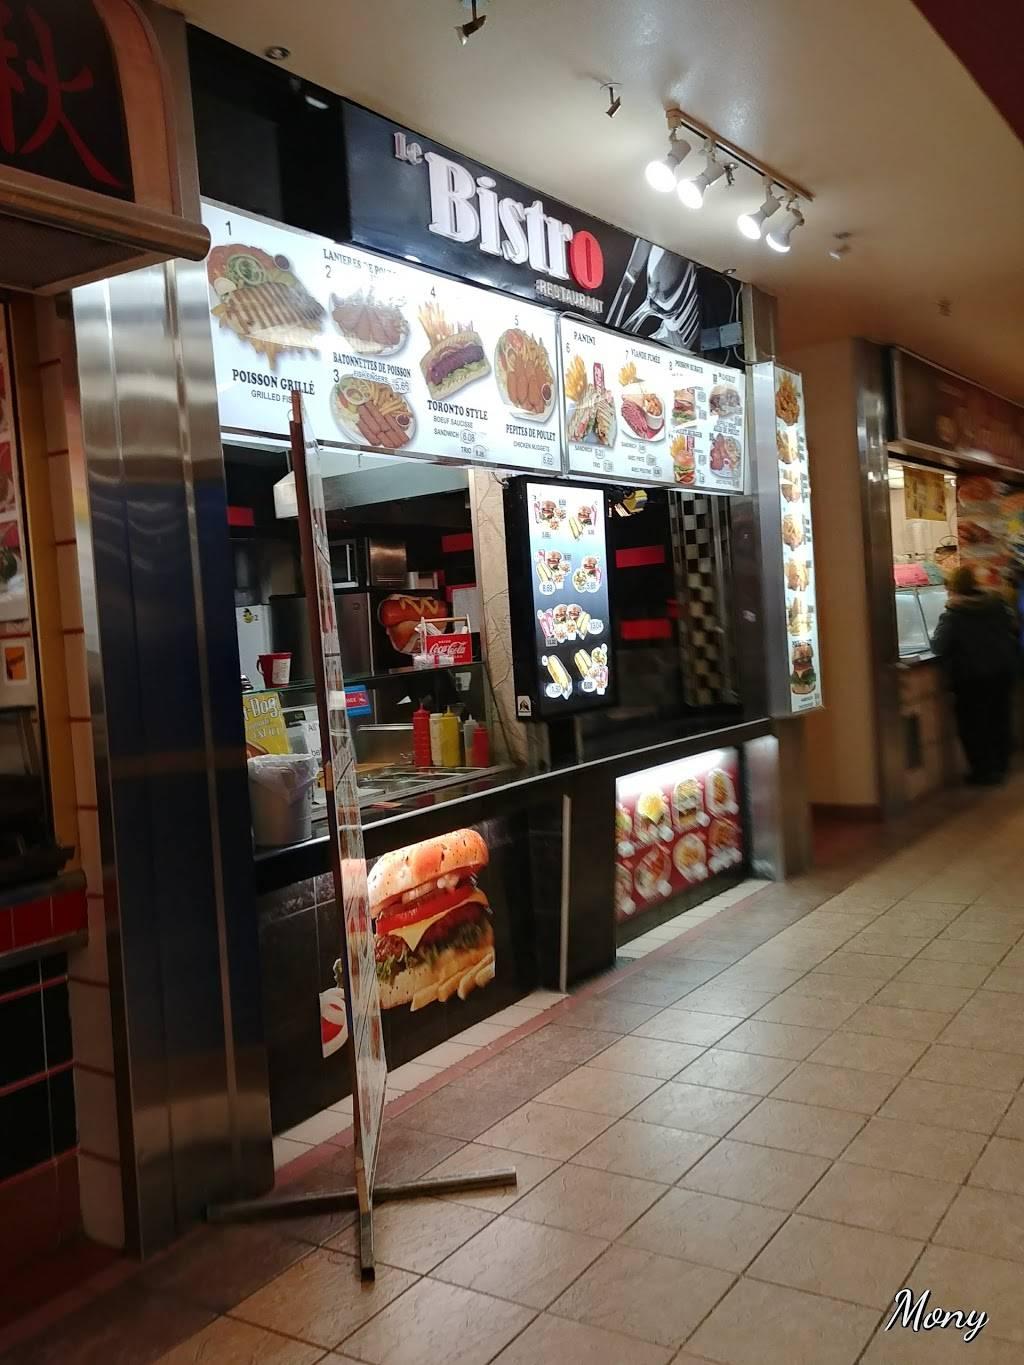 Restaurant Bistro   restaurant   6700 Chemin de la Côte-des-Neiges, Montréal, QC H3S 2B2, Canada   5145649797 OR +1 514-564-9797